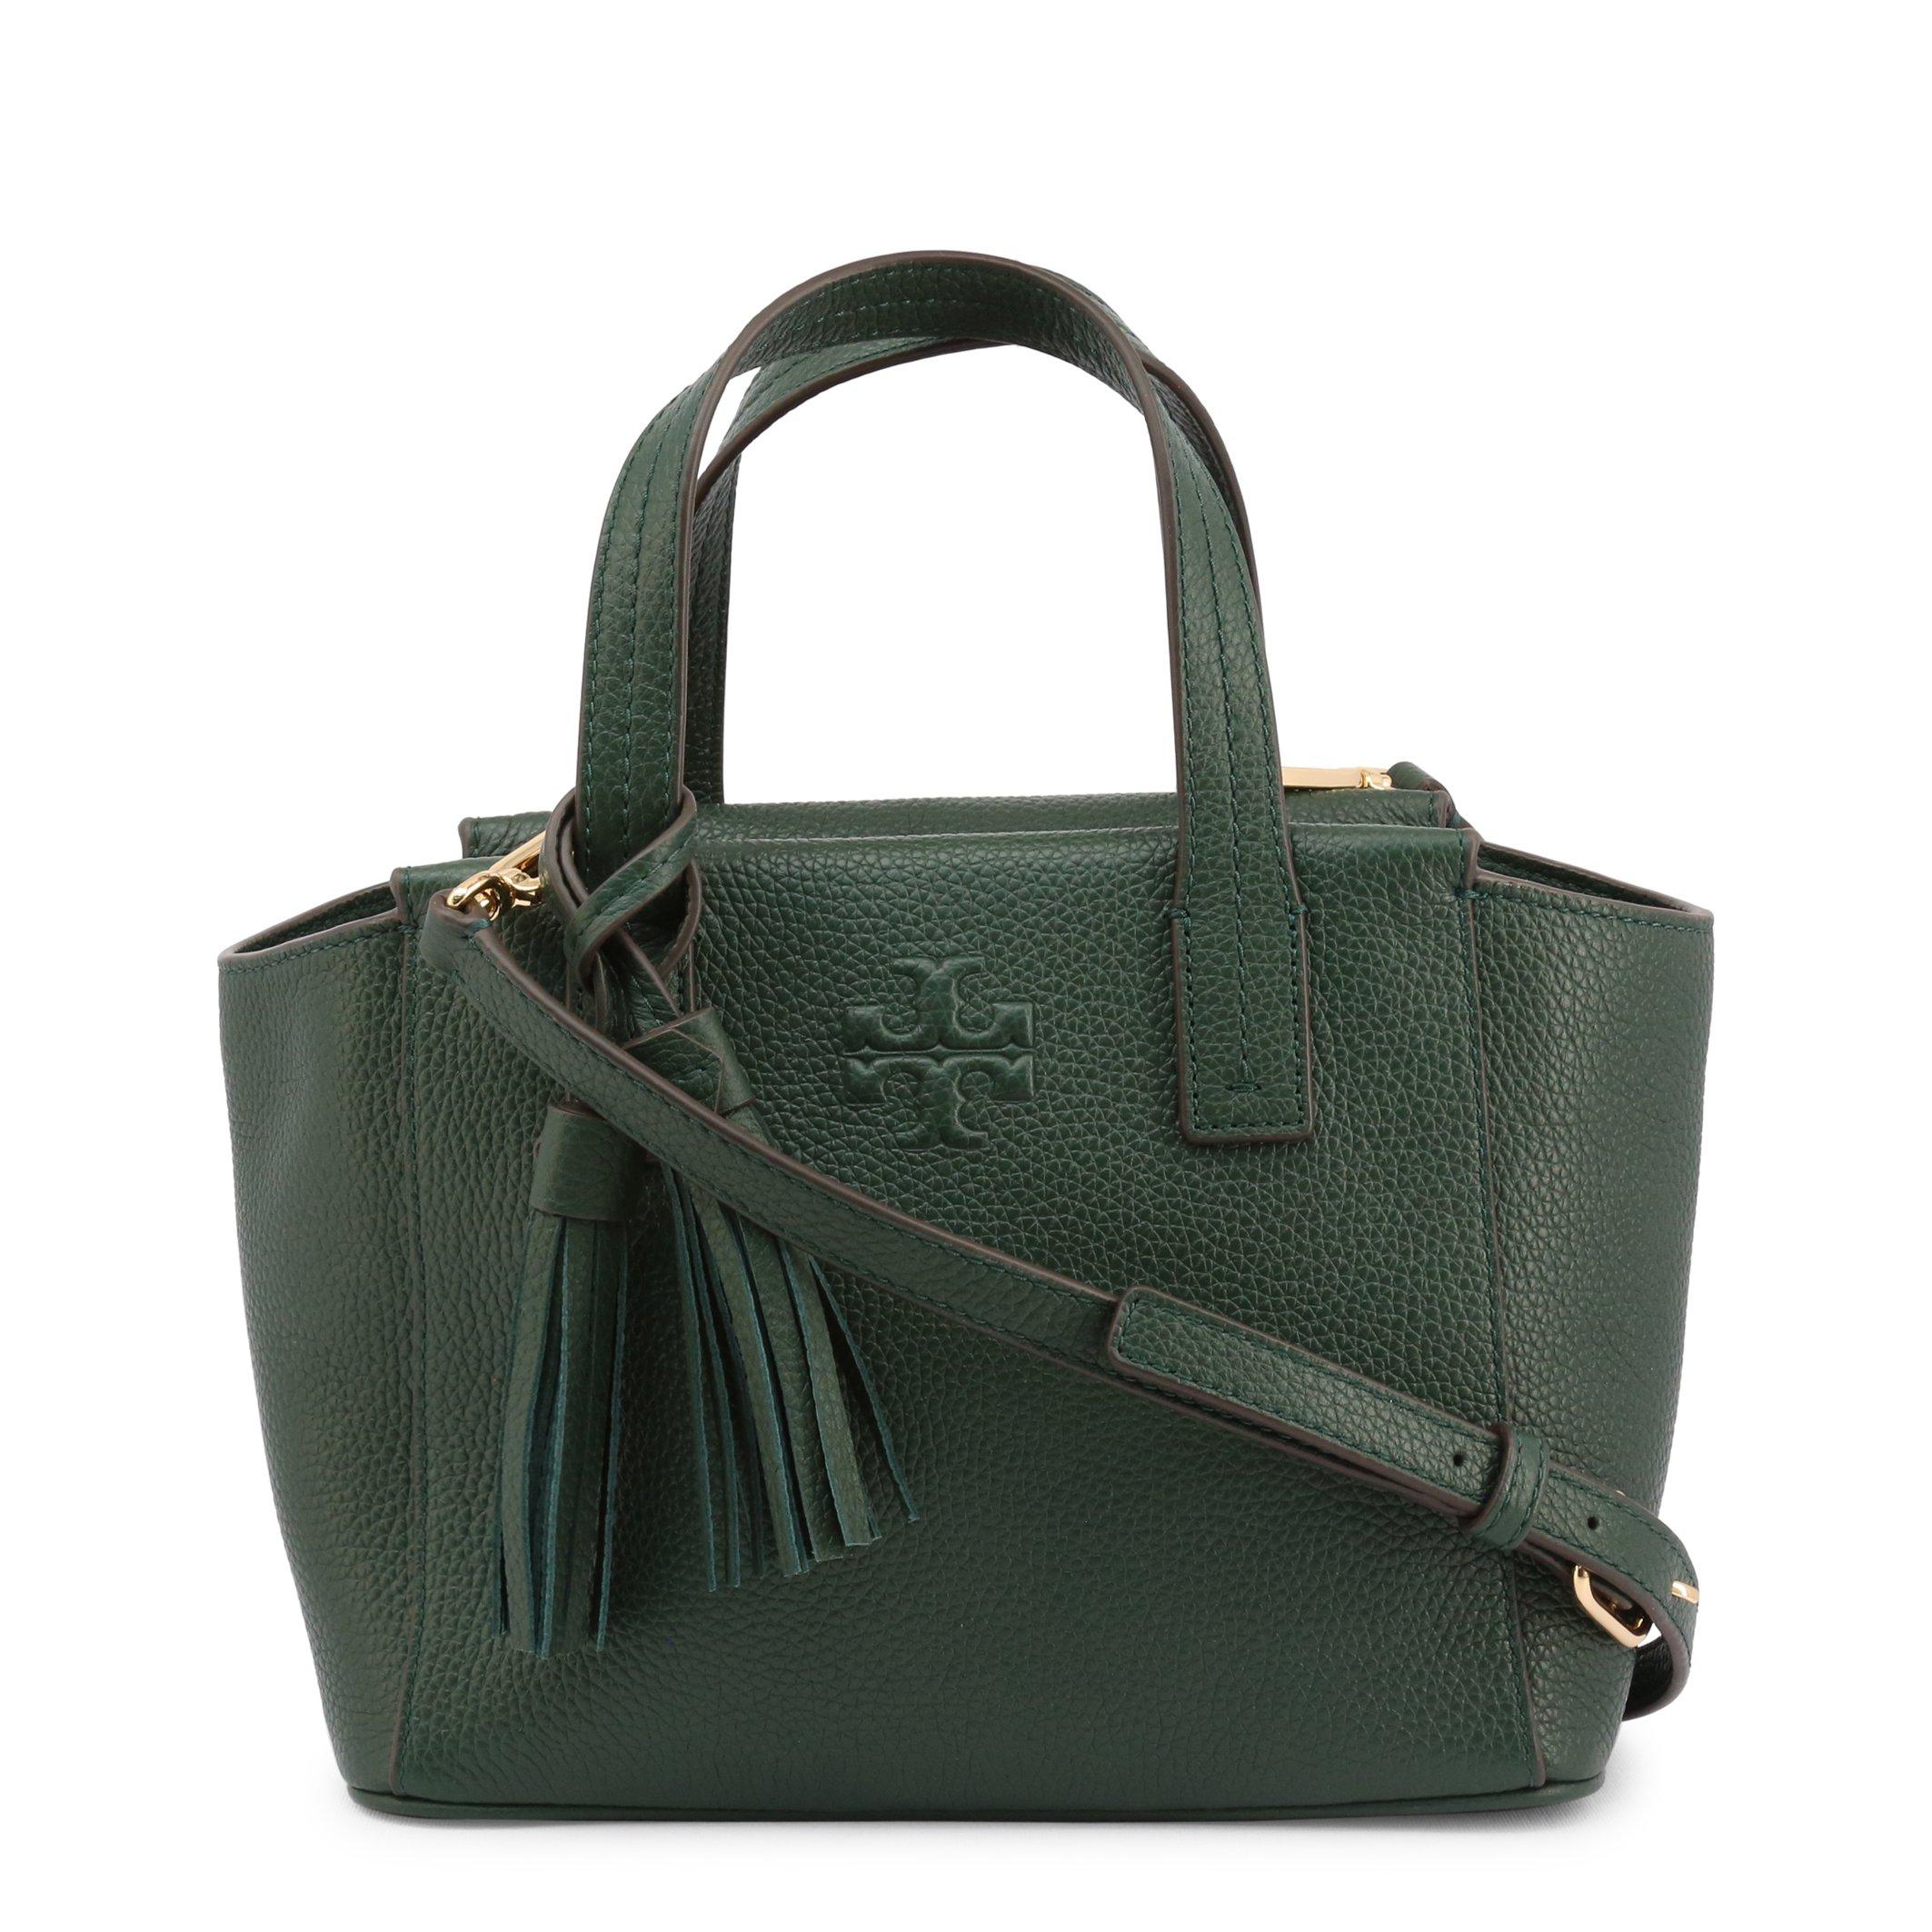 Tory Burch Women's Handbag Various Colours 77165 - green NOSIZE